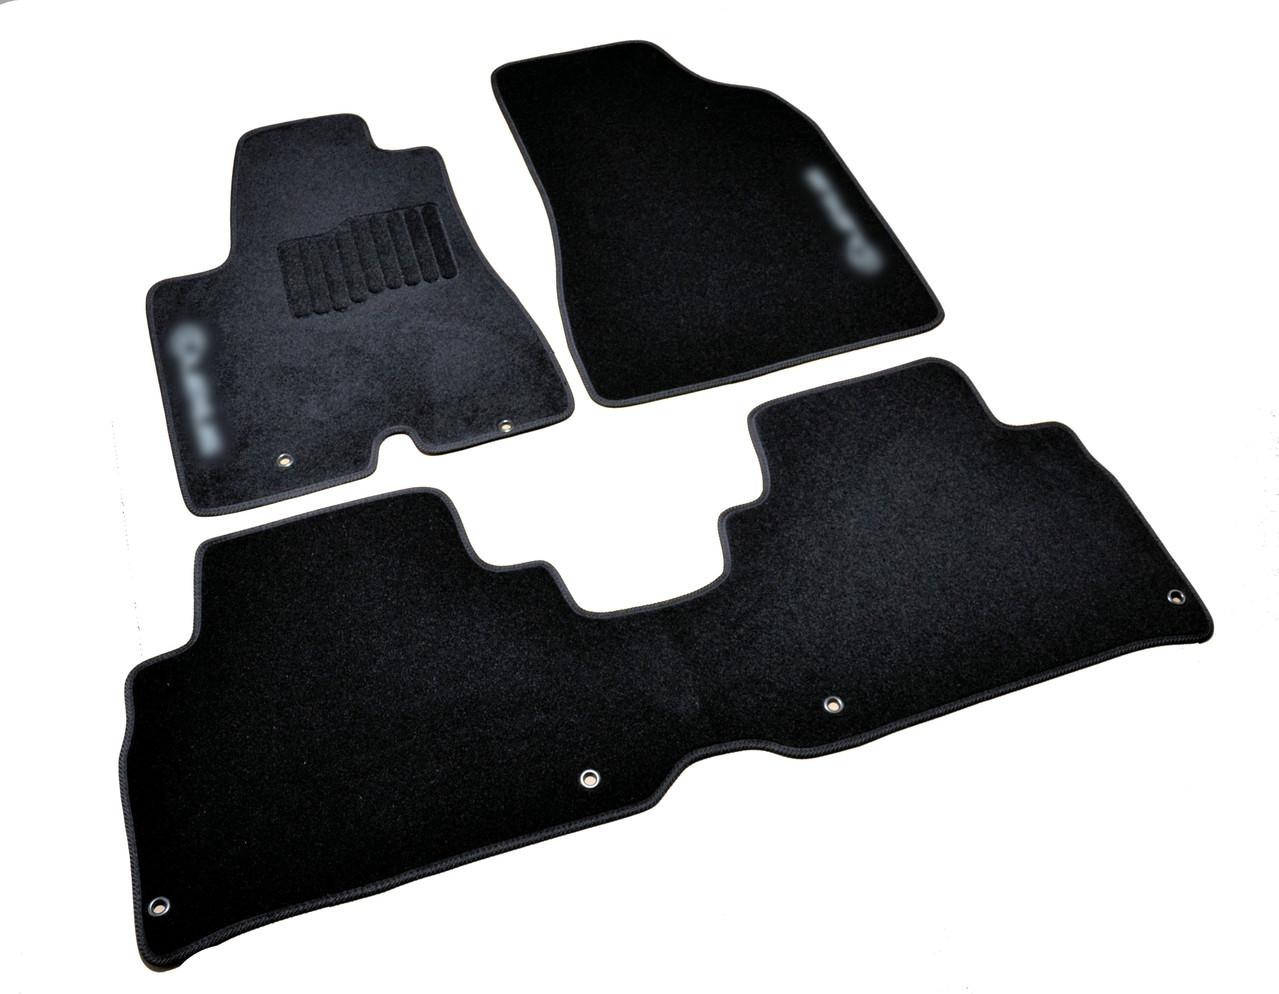 Коврики в салон ворсовые для Lexus RX (2003-2009) /Чёрные, кт. 3шт BLCCR1301